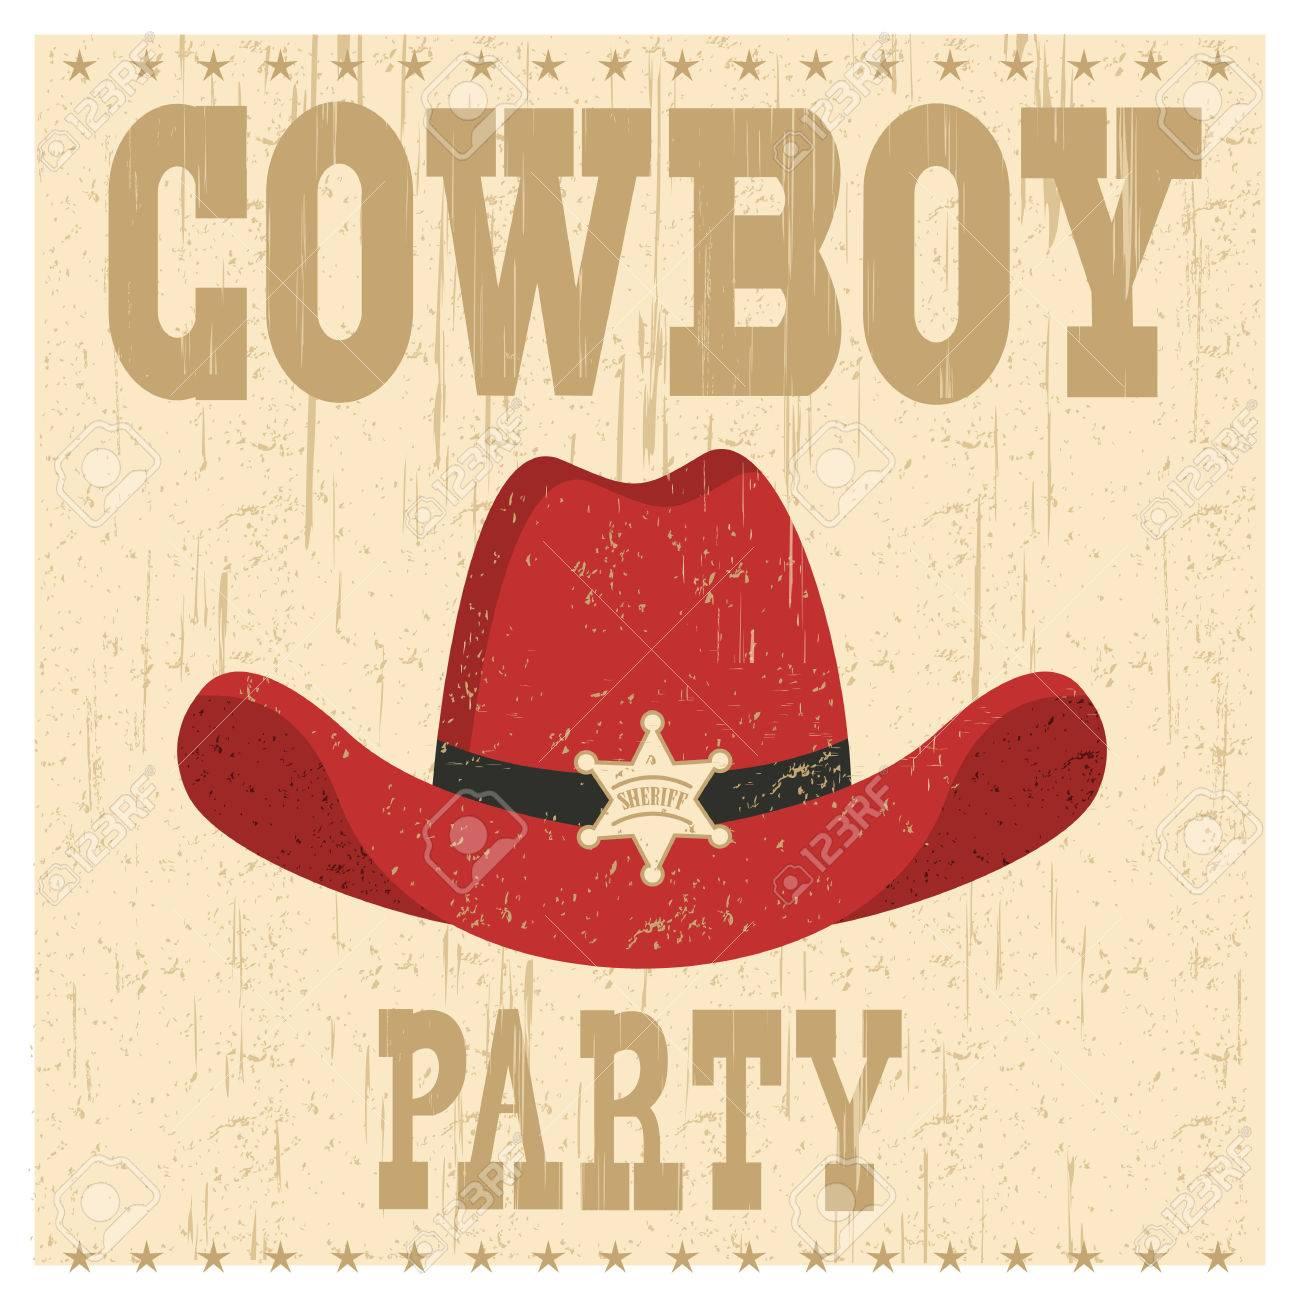 Foto de archivo - Ilustración de tarjeta de fiesta de vaquero con sombrero  occidental y estrella de sheriff bd8b3c5aafb